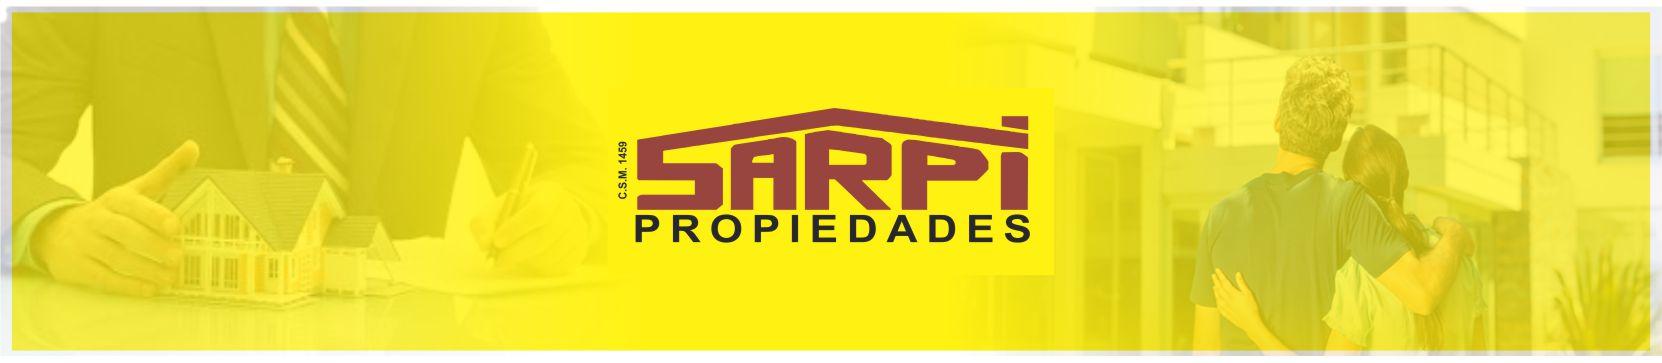 SARPI PROPIEDADES